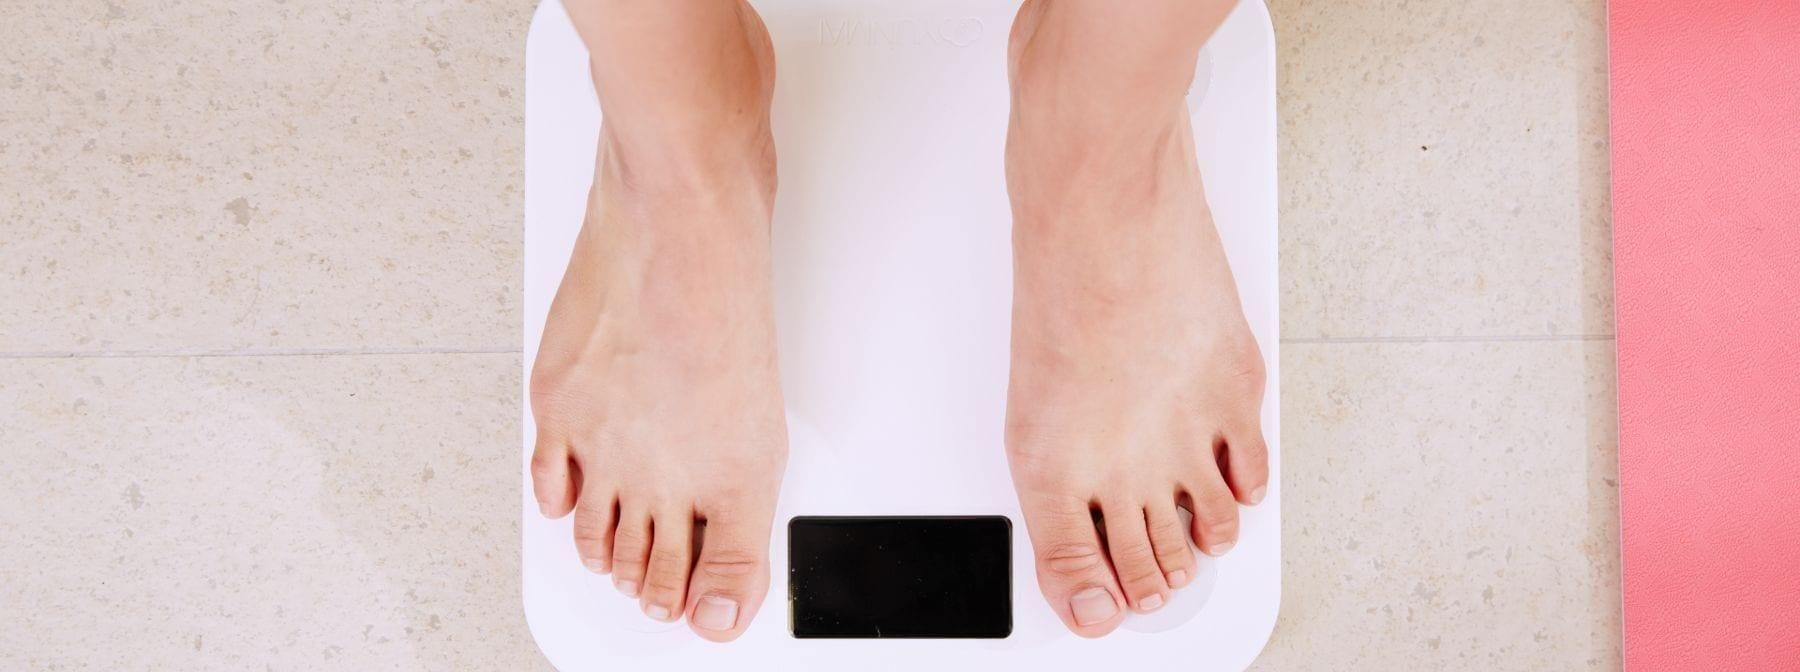 Welches sind die besten Supplemente zur Fettreduktion